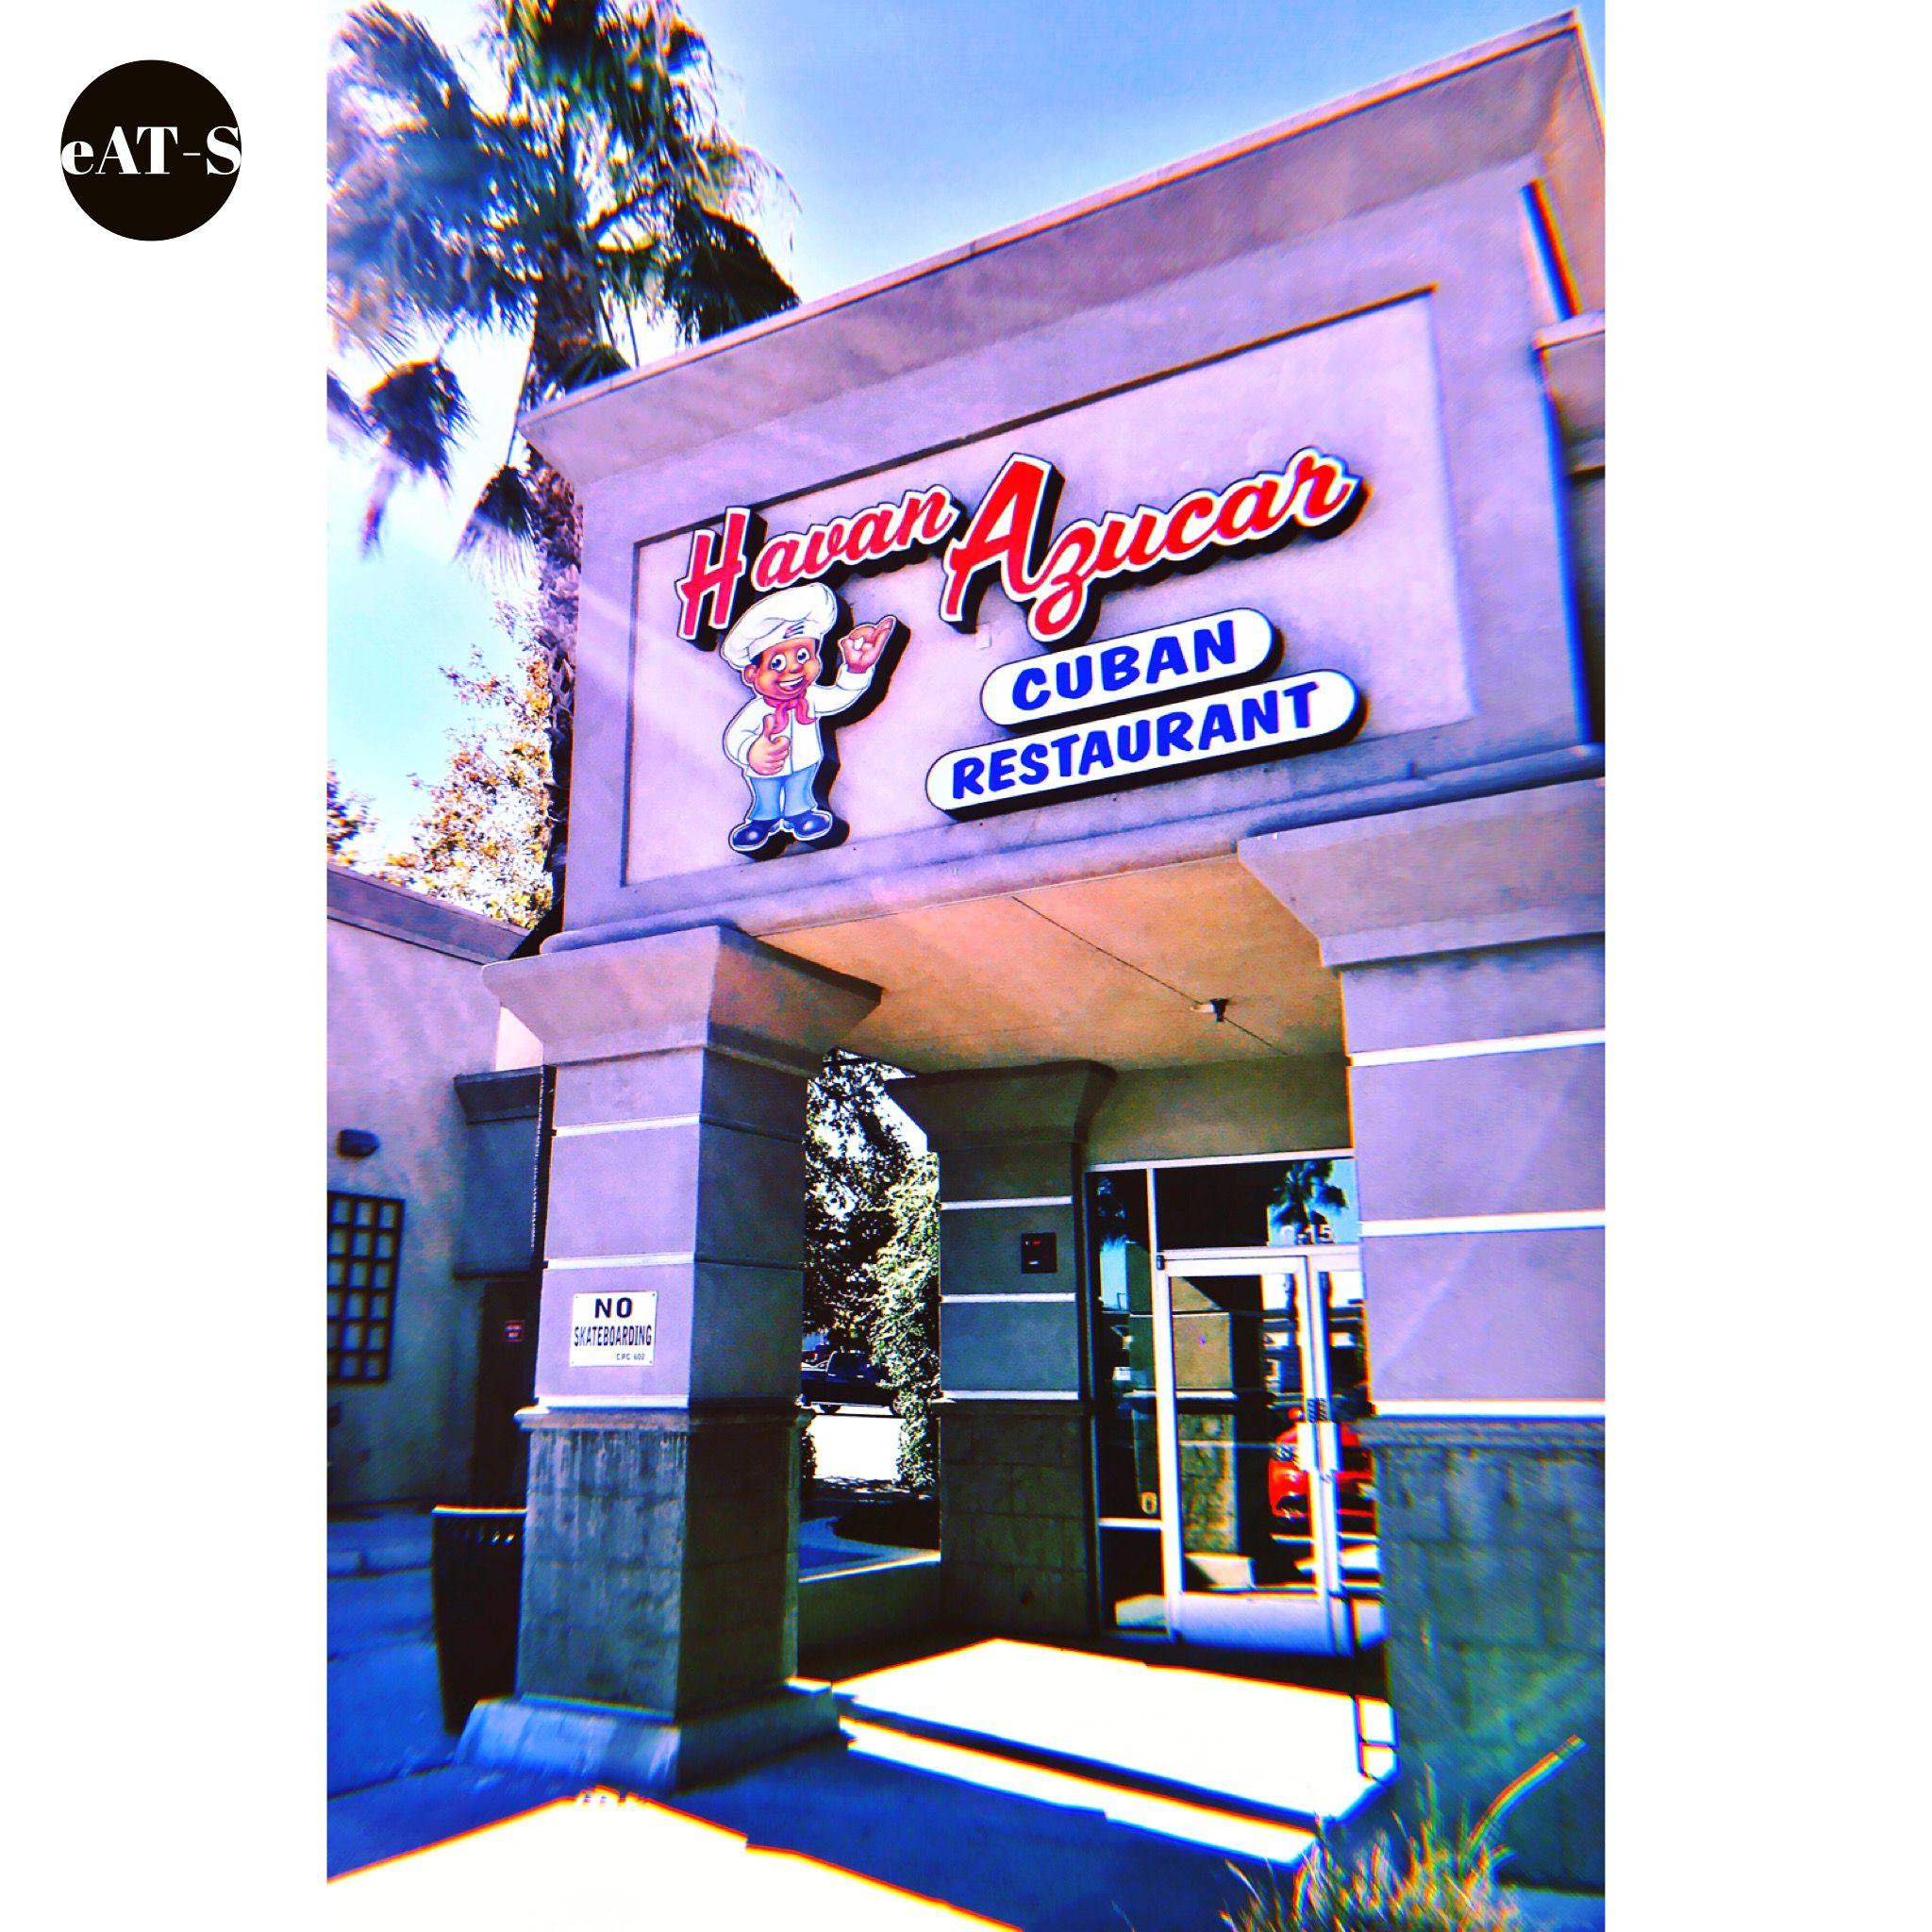 Havanazucar Cuban Restaurant W Eat S 10 31 19 Visit The